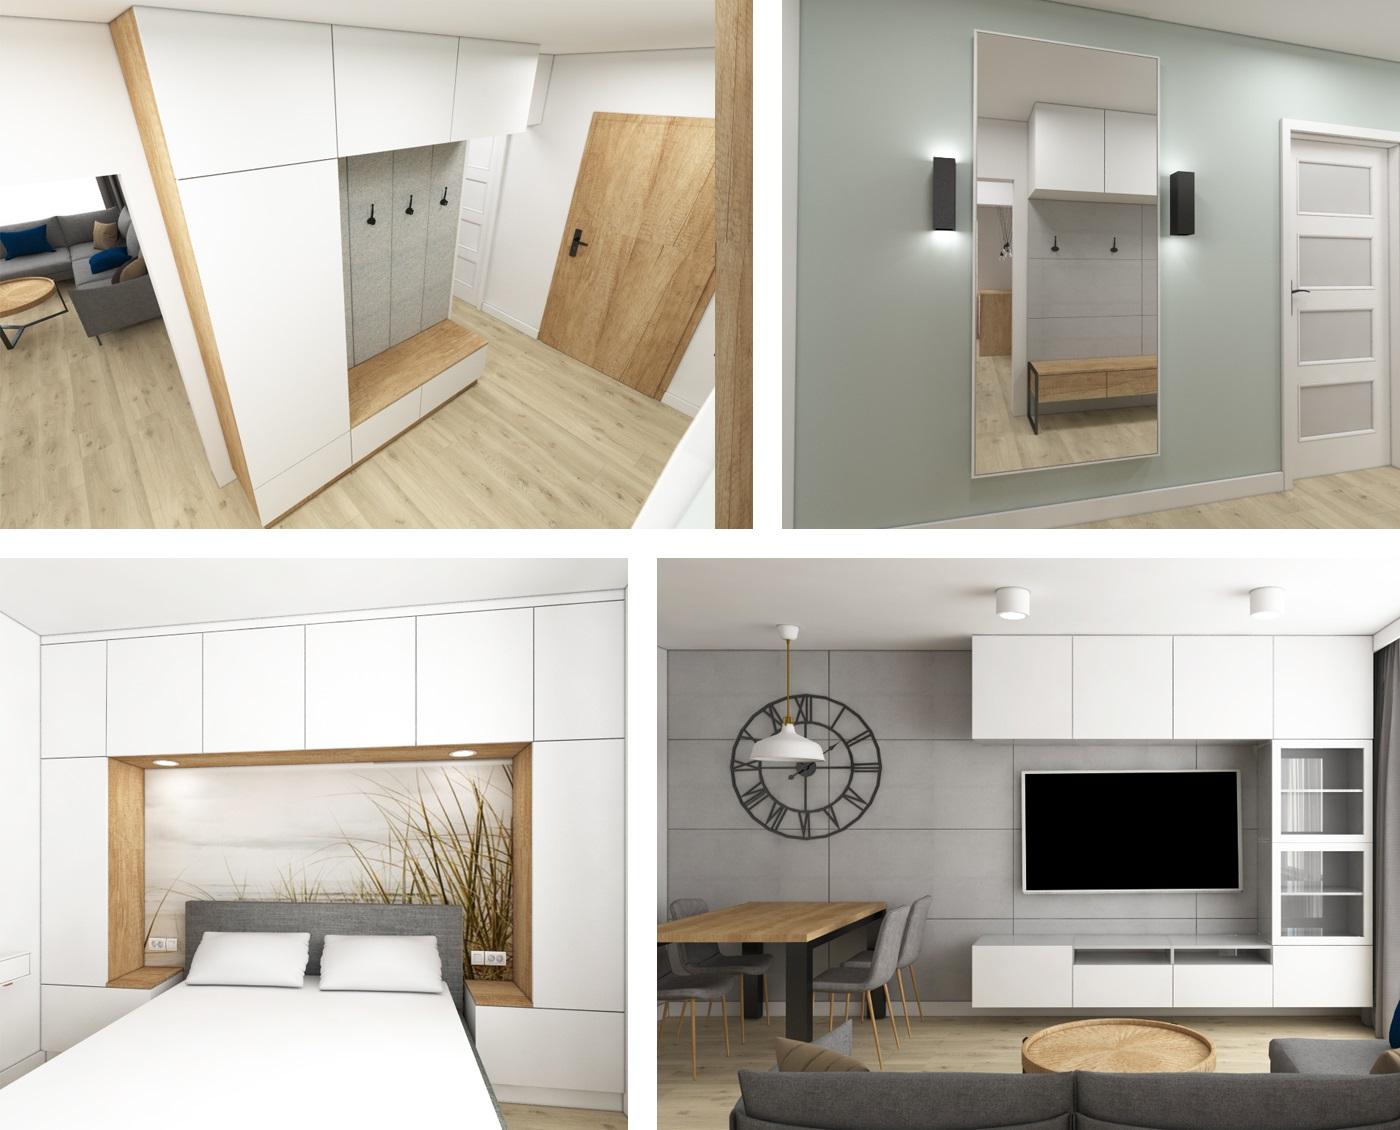 kompleksowy remont mieszkania w gdyni